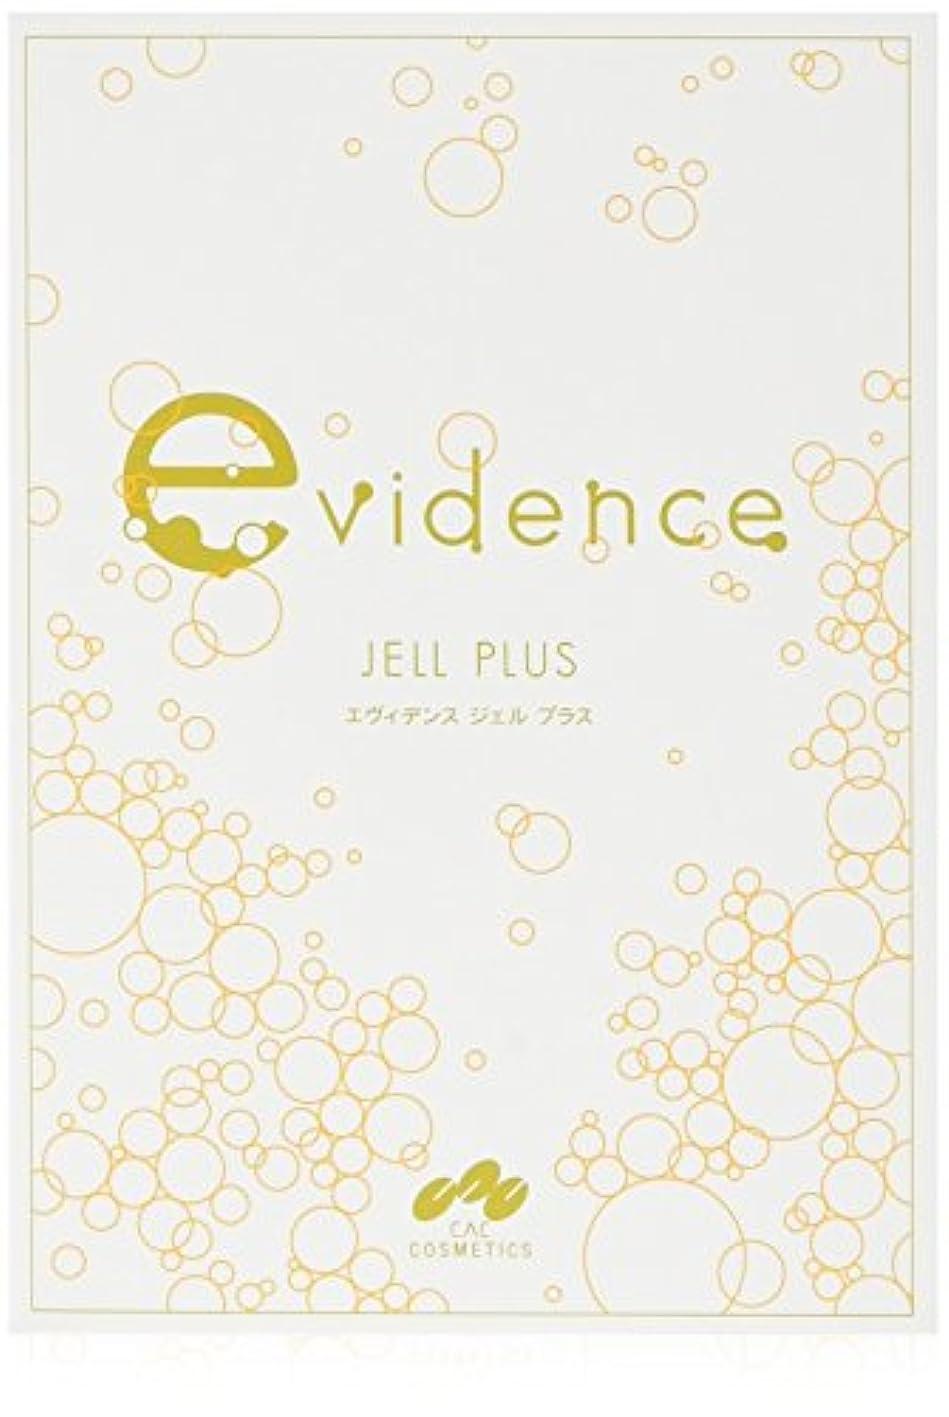 分析レタス厳しいCAC化粧品(シーエーシー) エヴィデンス ジェルプラス 1.2ml x 60本